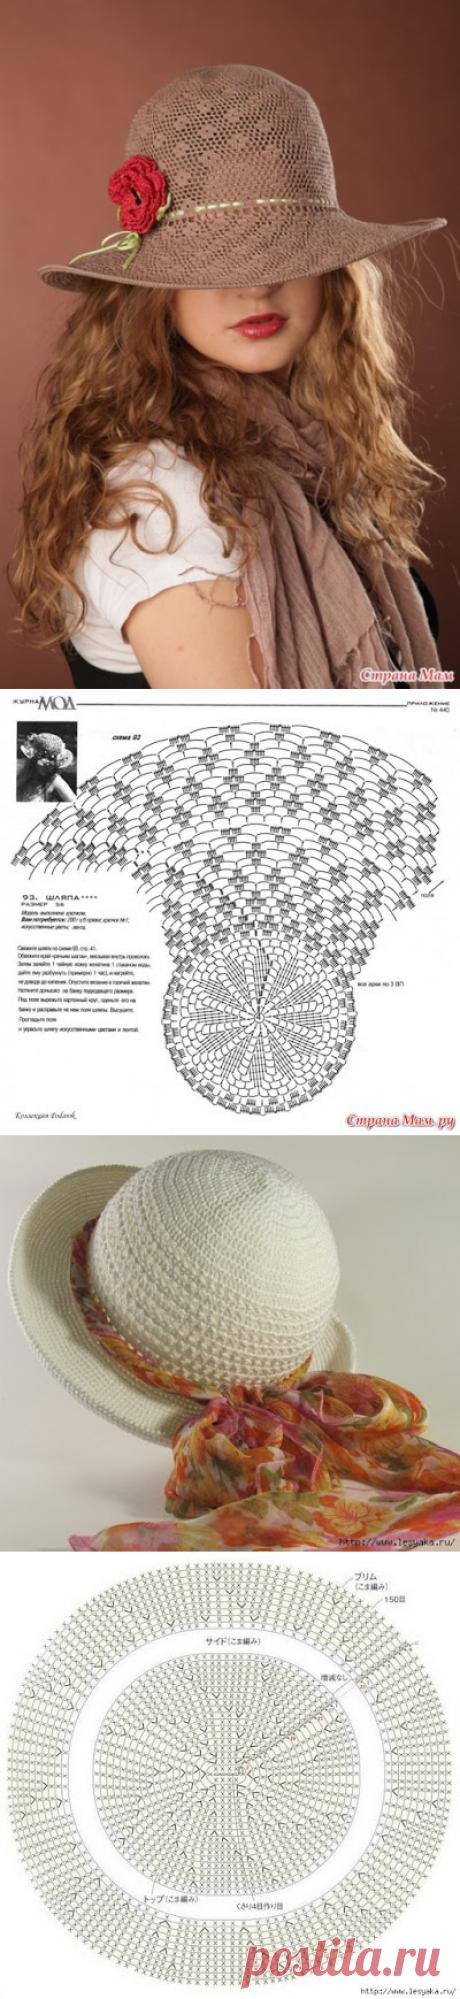 Delicadezas en crochet Gabriela: Sombreros